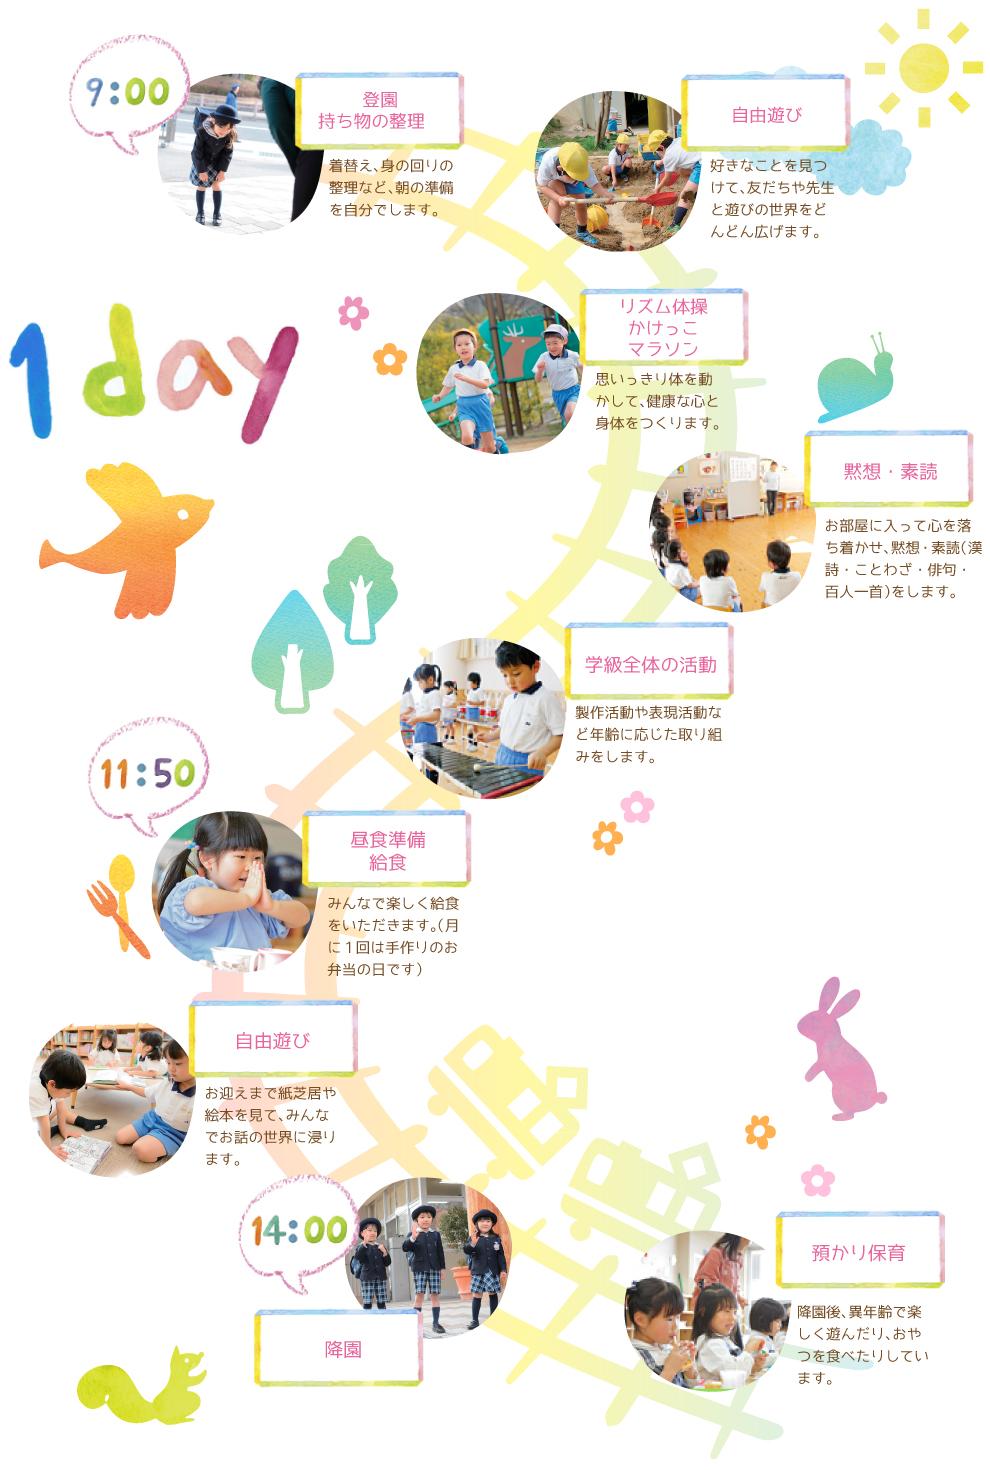 https://www.naragakuen.jp/tomigaoka/t_kin/life/images/pict_day01.jpg